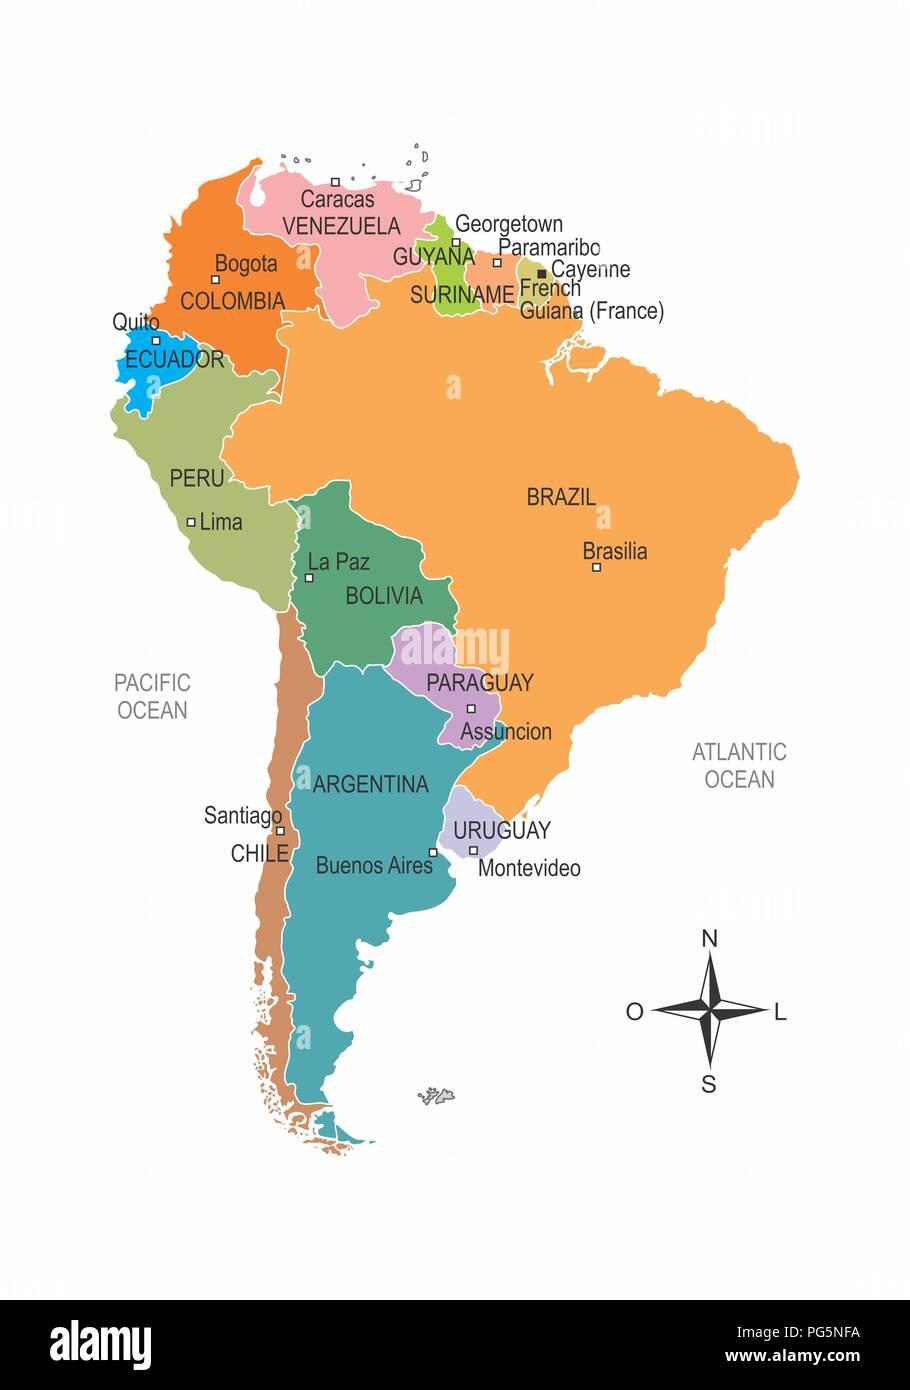 Carte Damerique Du Sud Avec Les Pays.Carte En Couleurs De L Amerique Du Sud Par La Division Du Pays Et